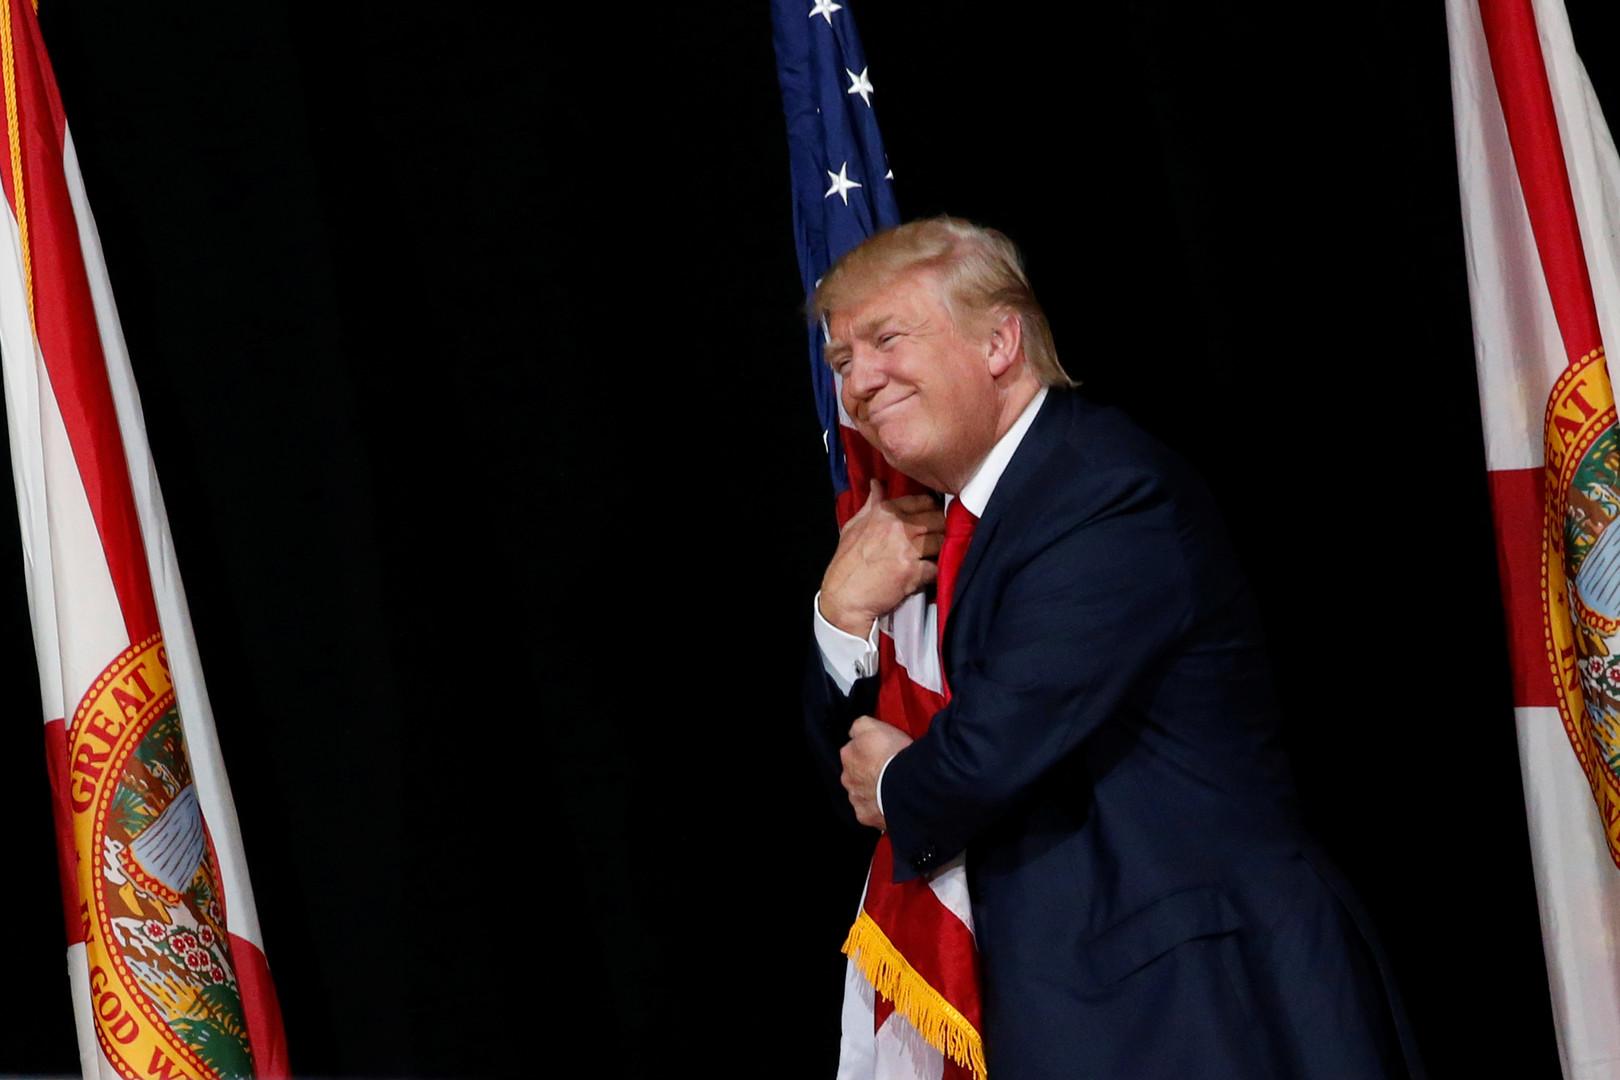 Клинтон тренировалась уклоняться от объятий Трампа перед дебатами